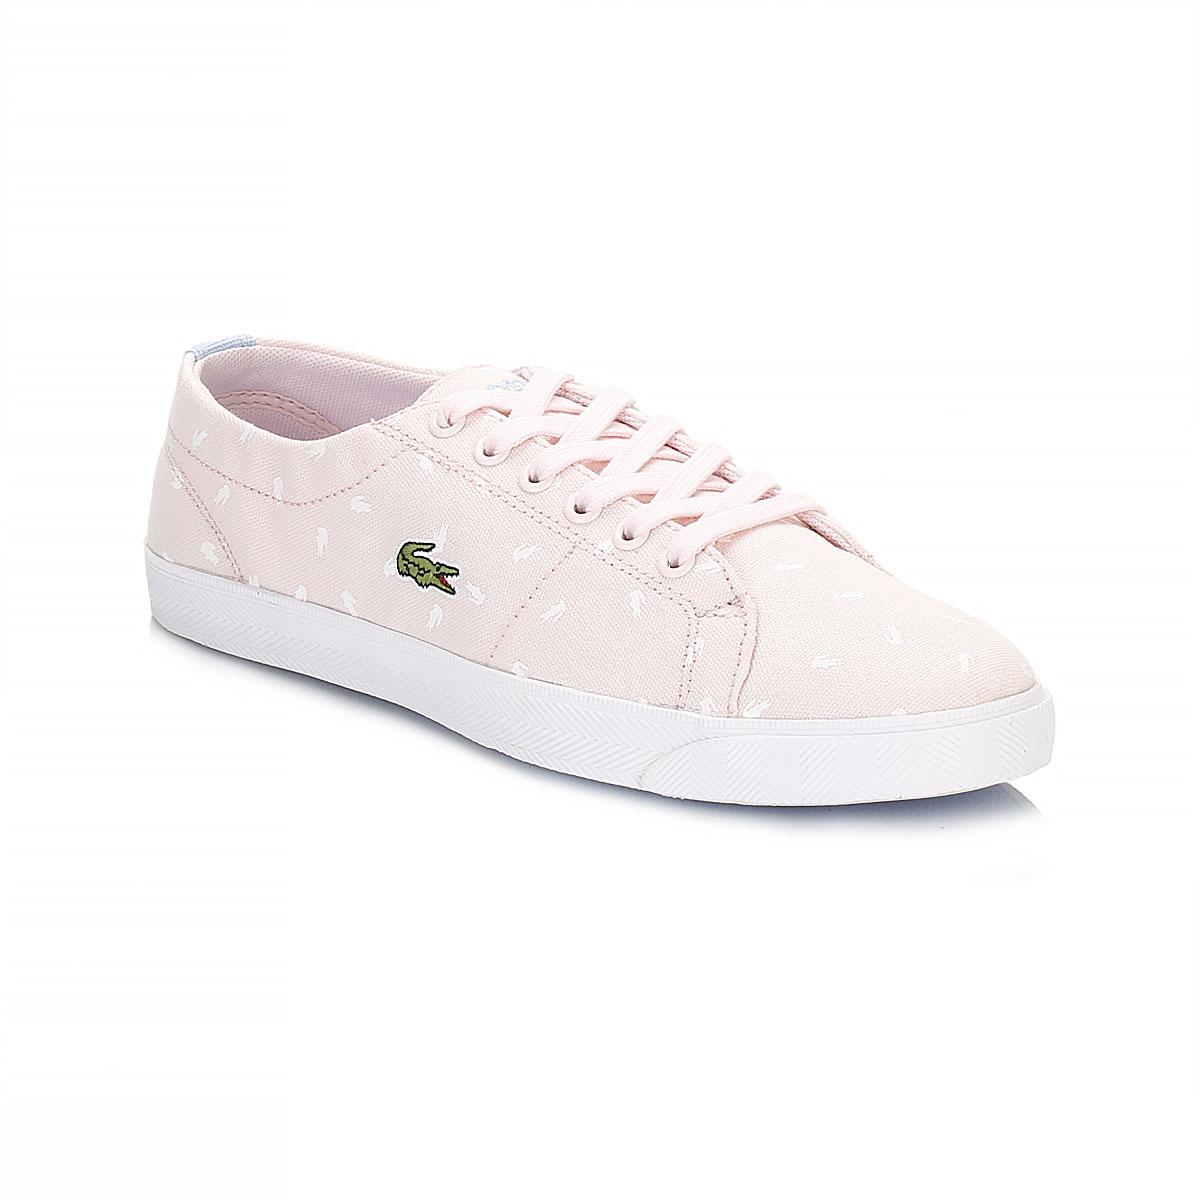 Lacoste Shoe Laces